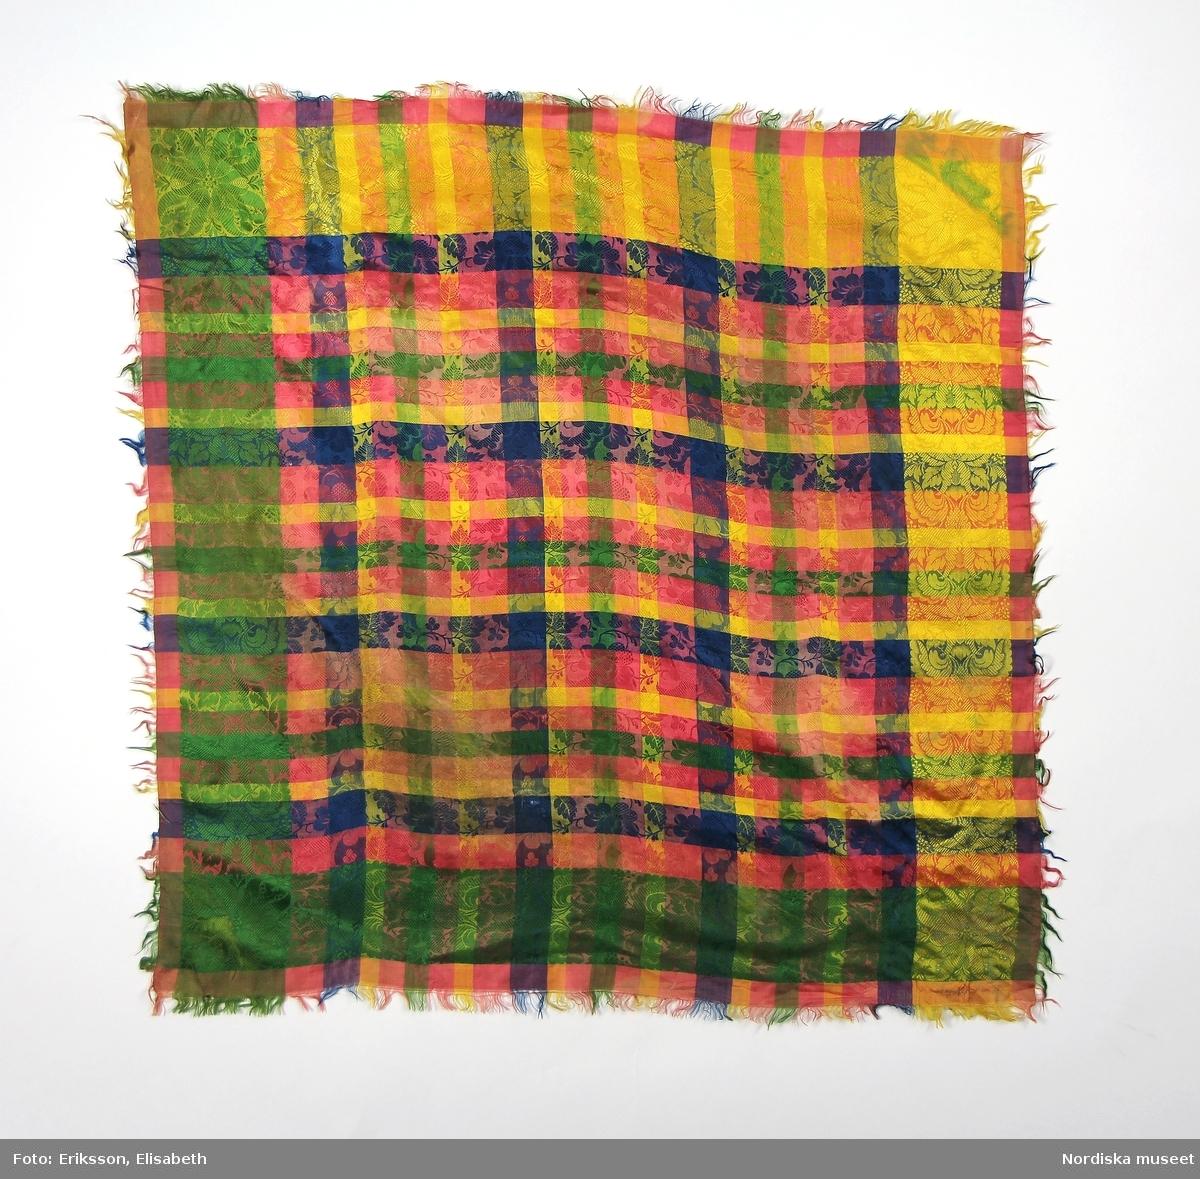 A-F Flickdräkt  A. Livstycke B. Överdel C. Kjol D. Förkläde E. Halskläde F. Bindmössa    E. Halskläde 73 x 73 cm rutigt sidenkläde i gult, rosa, blått och grönt med invävt yttäckande mönster, olika i bård och spegel.  Berit Eldvik juni 2005